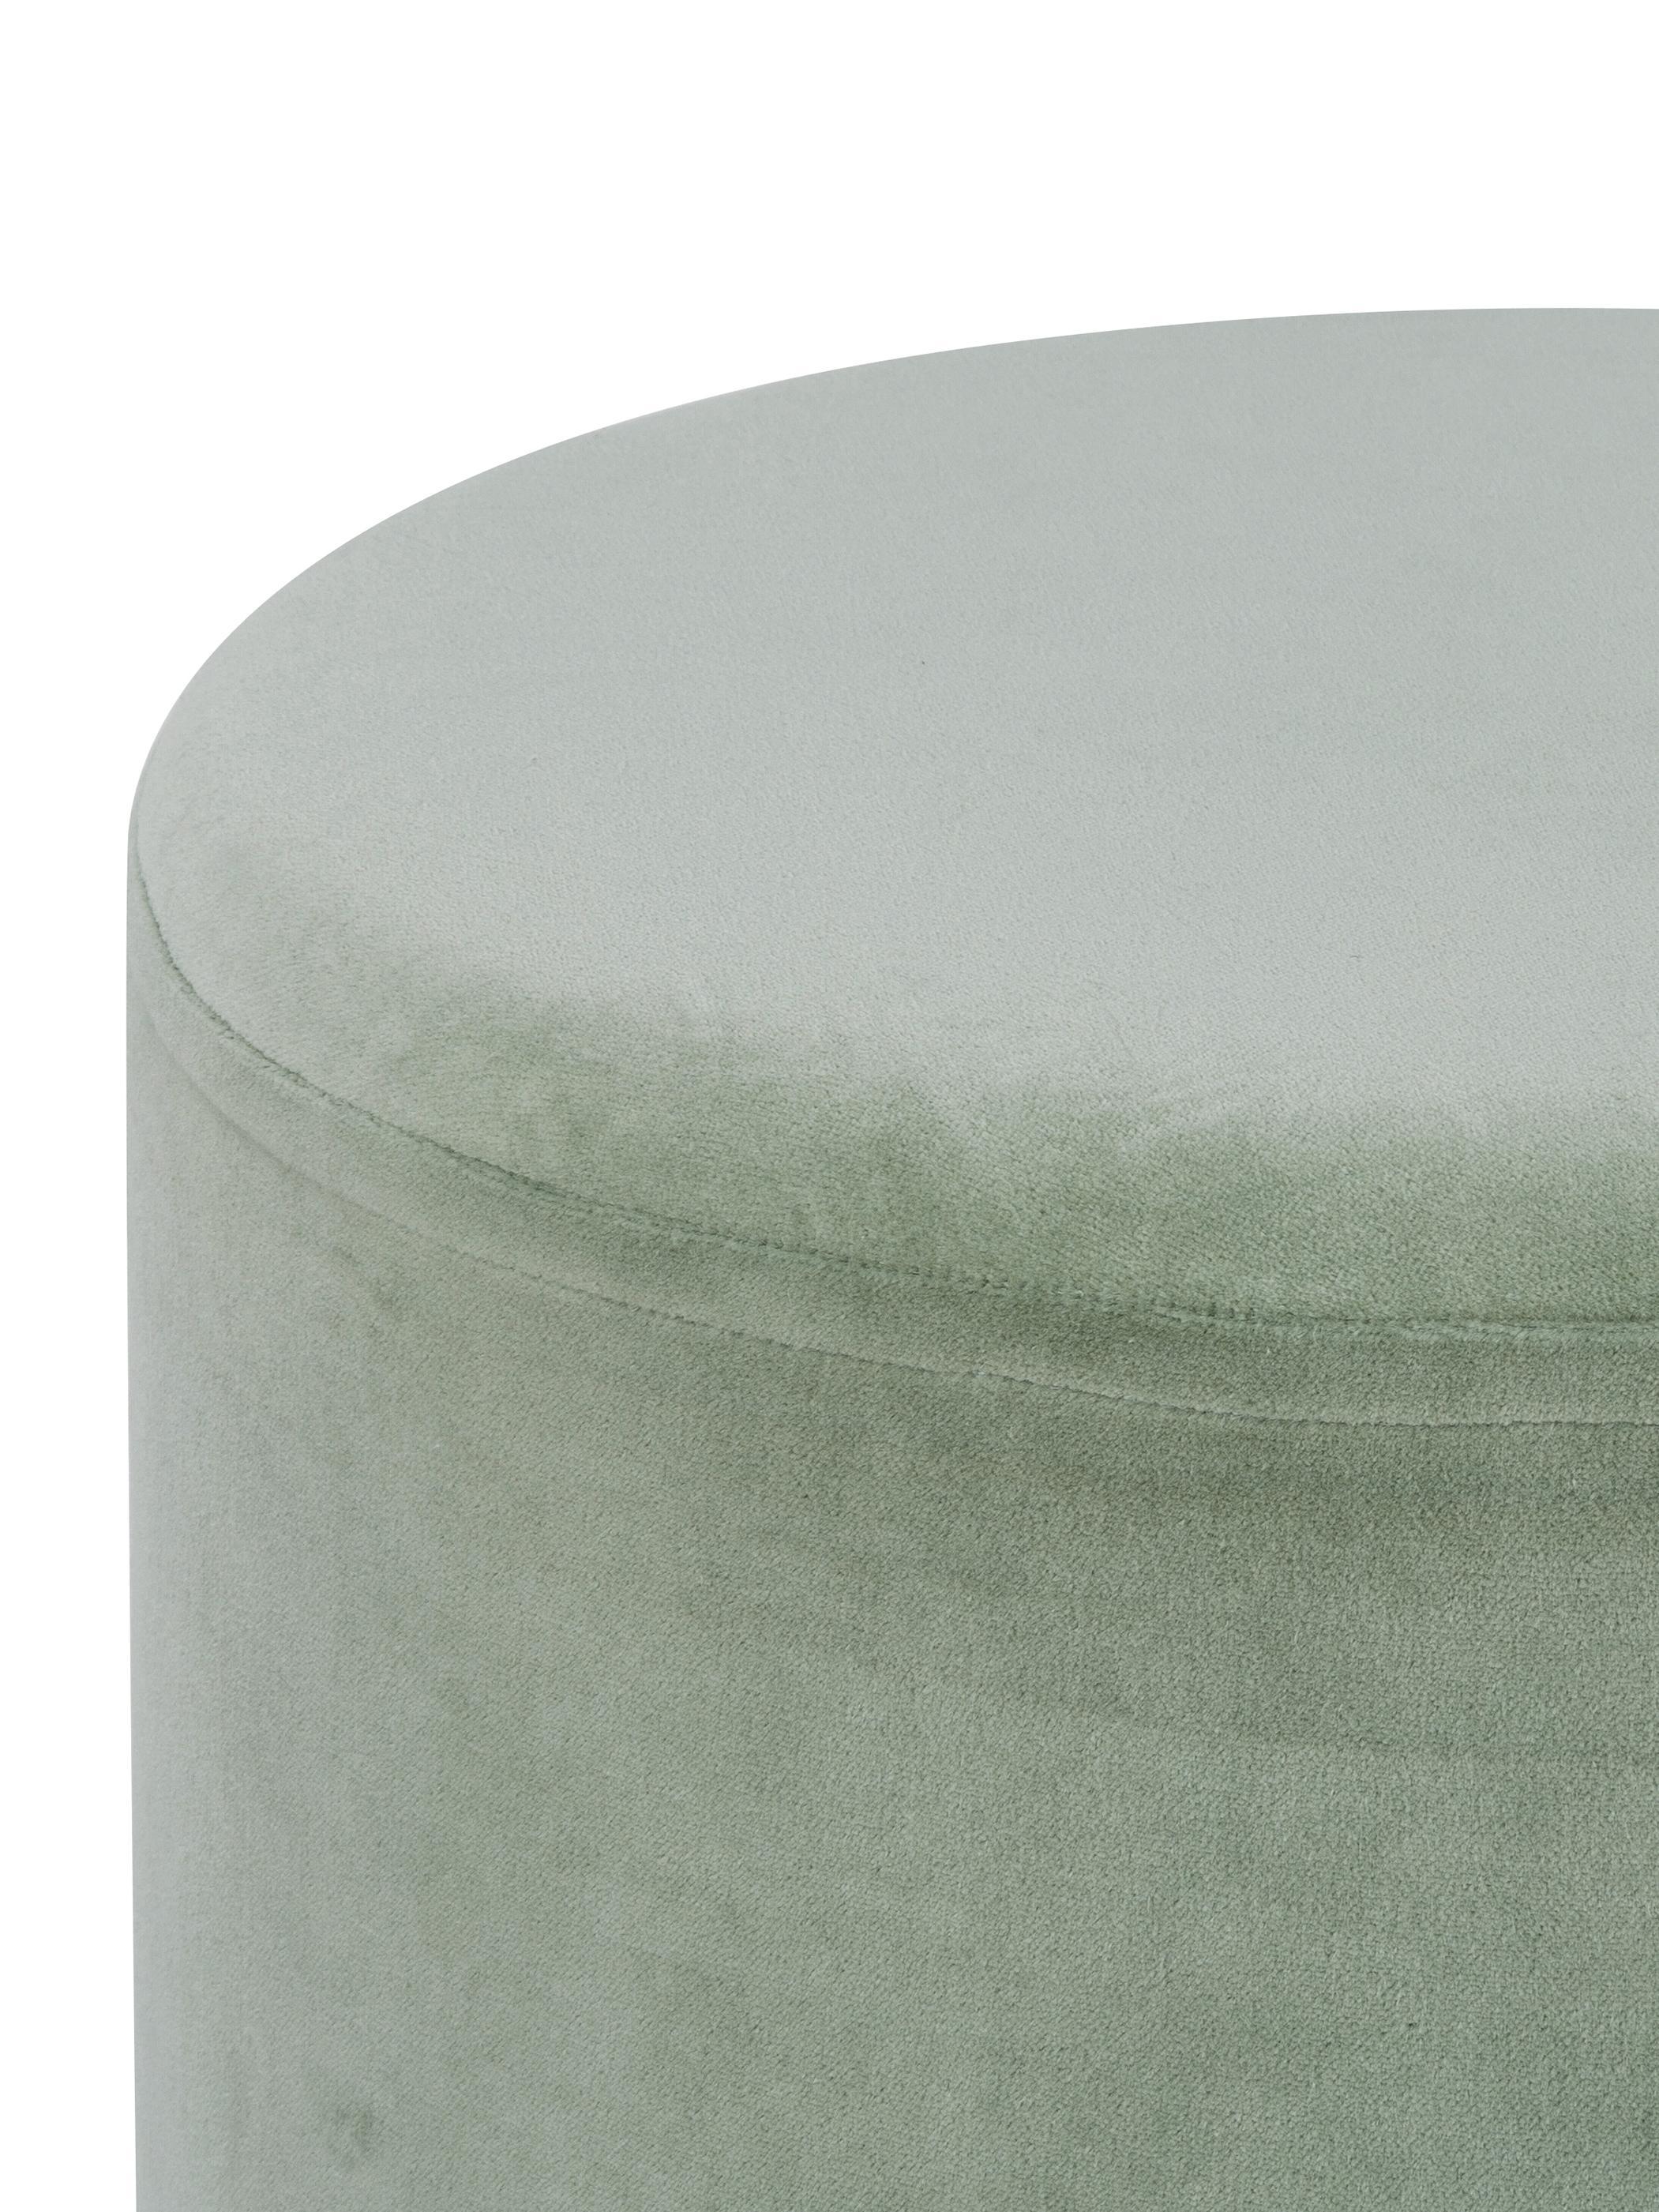 Puf z aksamitu Haven, Tapicerka: aksamit bawełniany, Szałwiowy zielony, odcienie złotego, ∅ 38 x W 45 cm